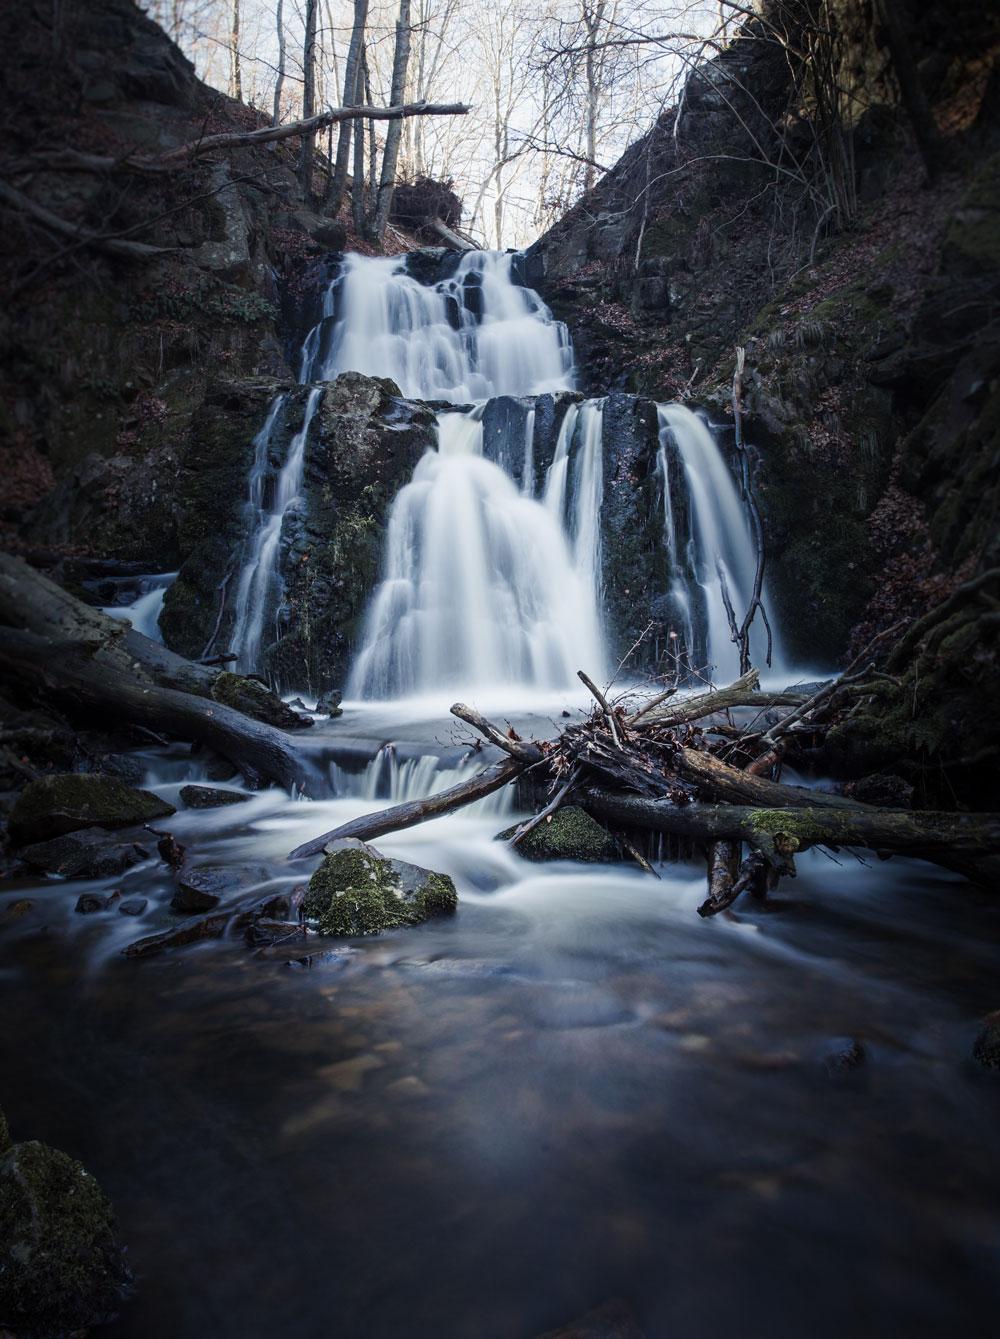 Forsaka vandfald Skånes højeste vandfald